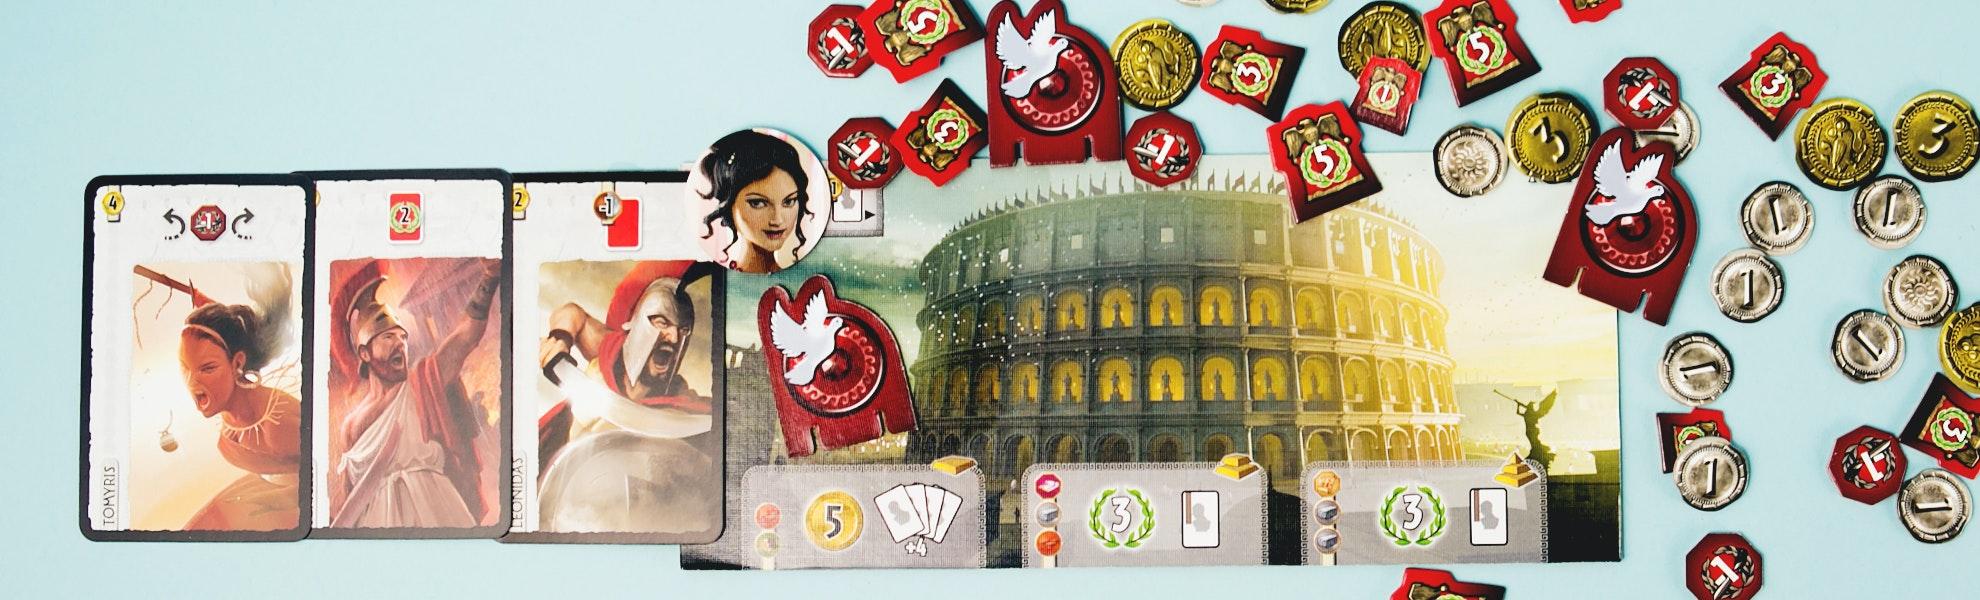 7 Wonders Board Game Bundle